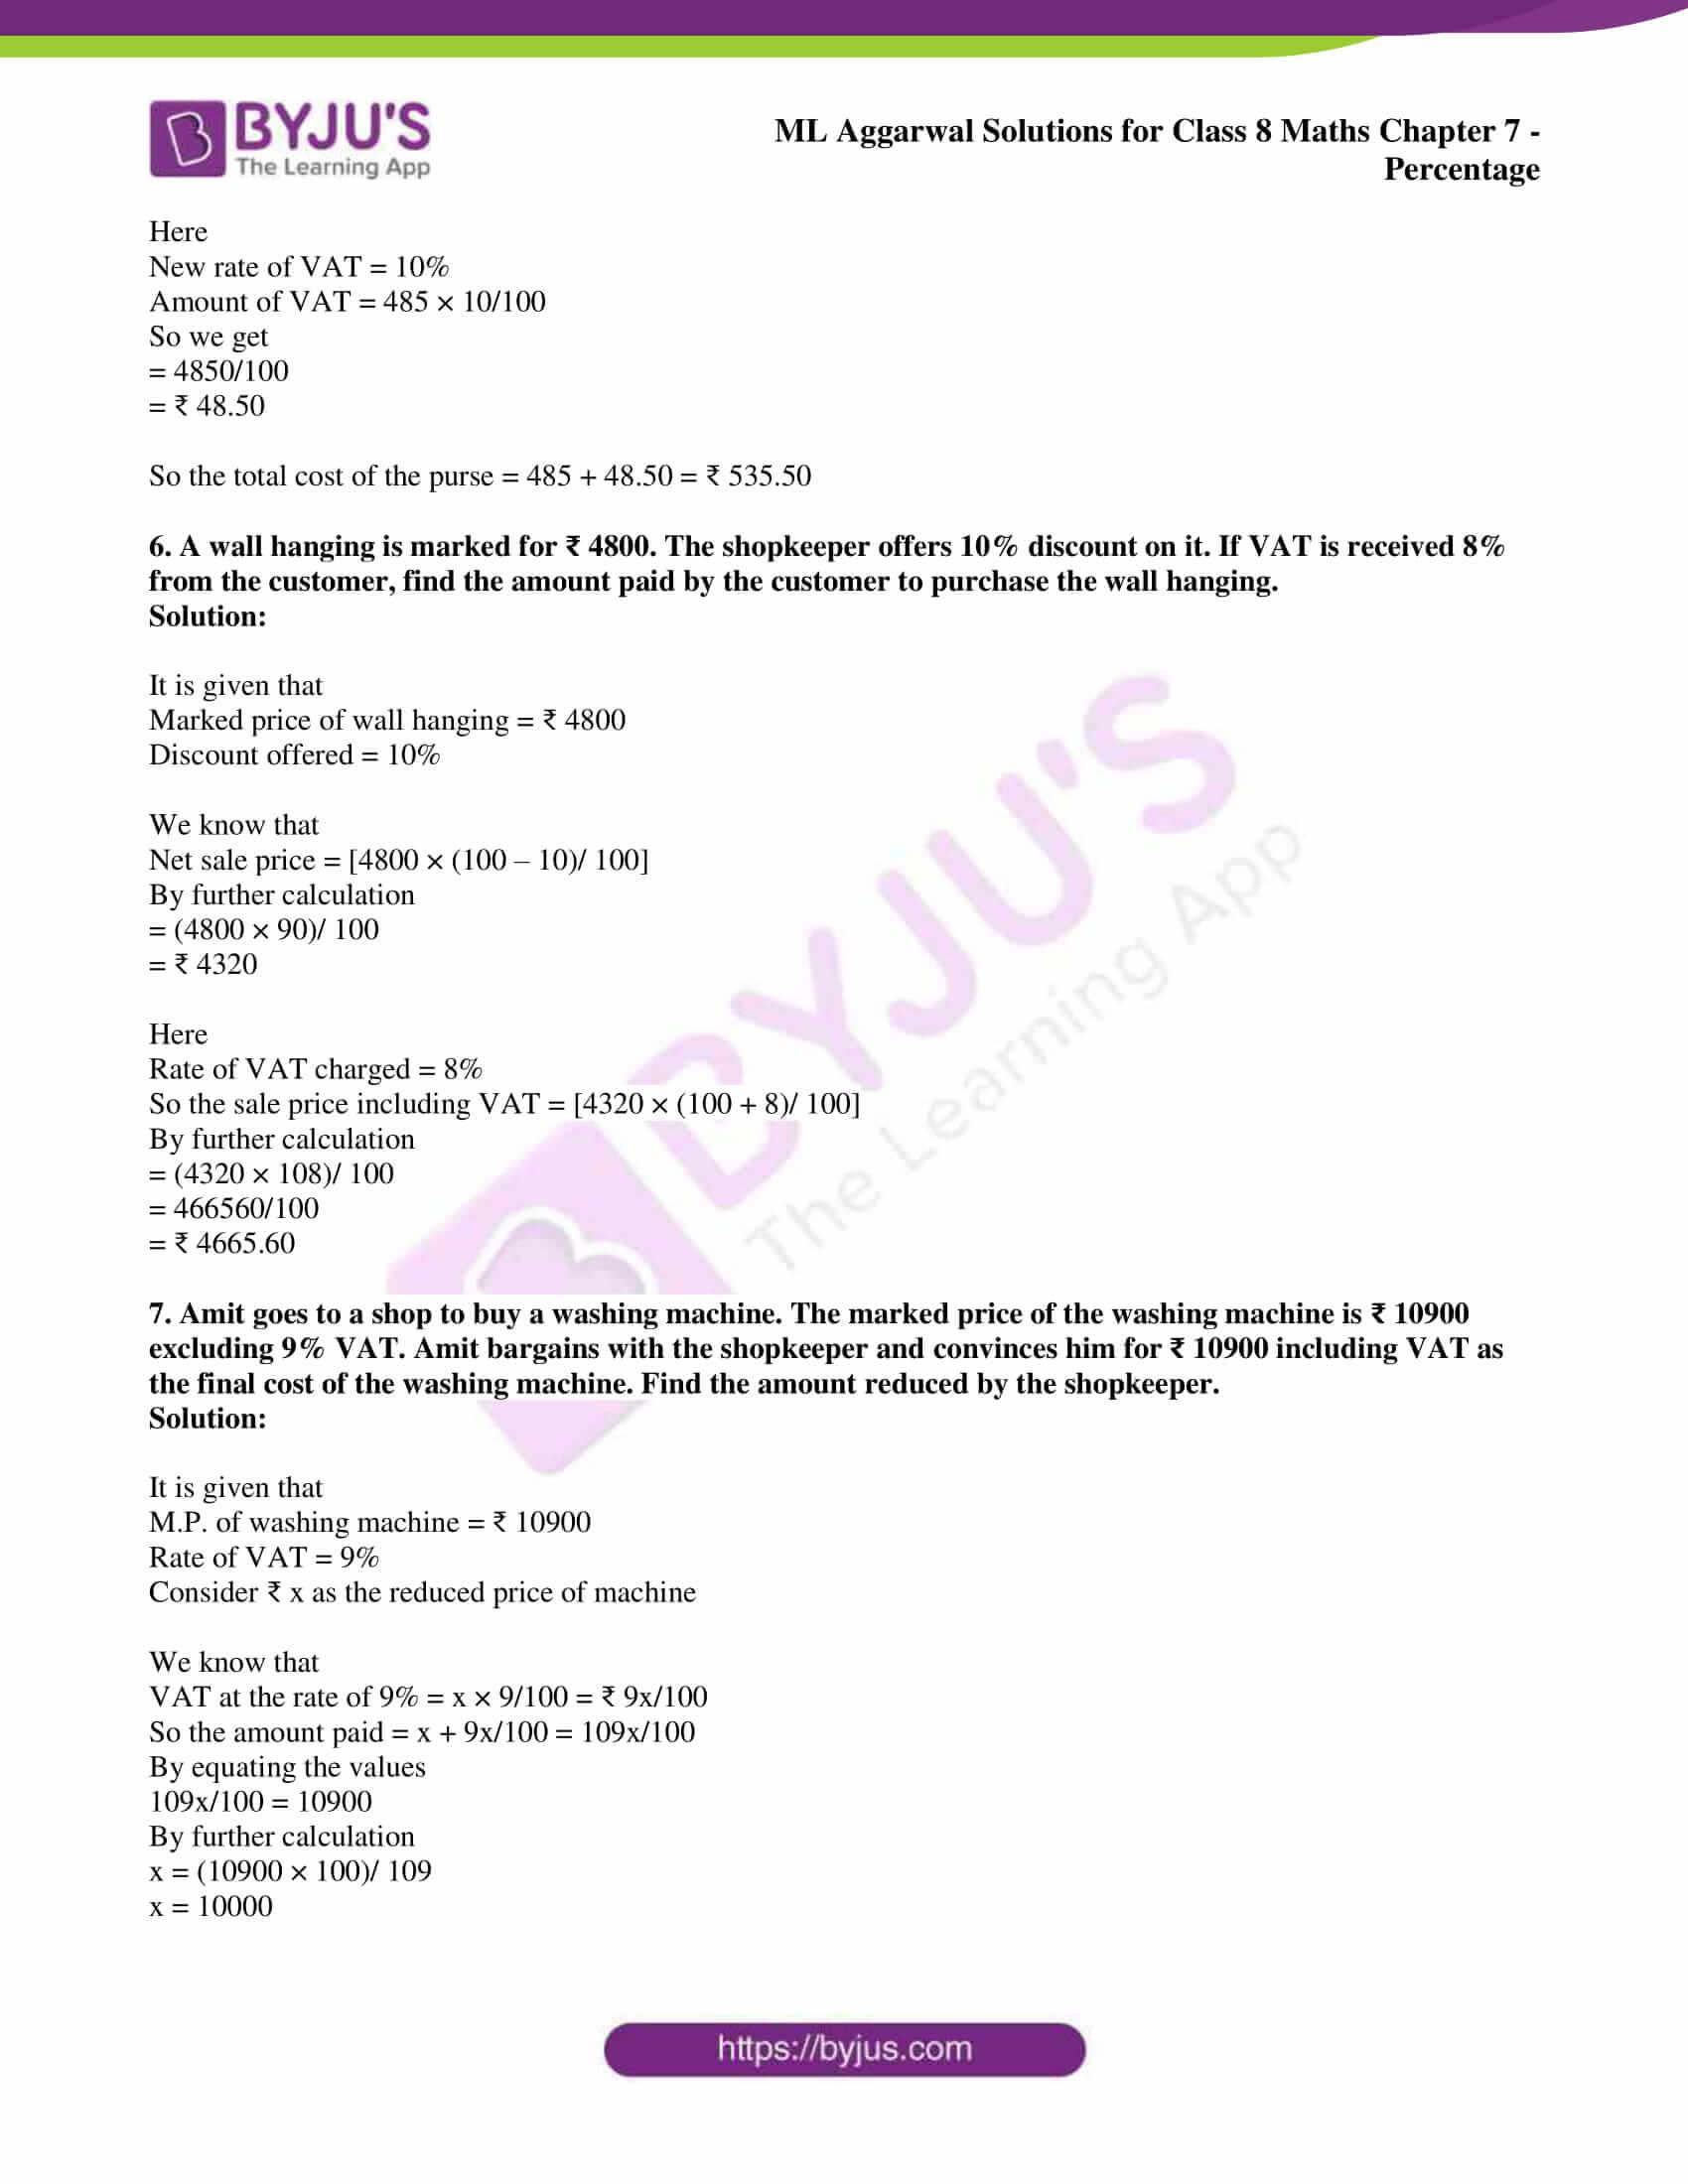 ml aggarwal sol mathematics class 8 ch 7 33